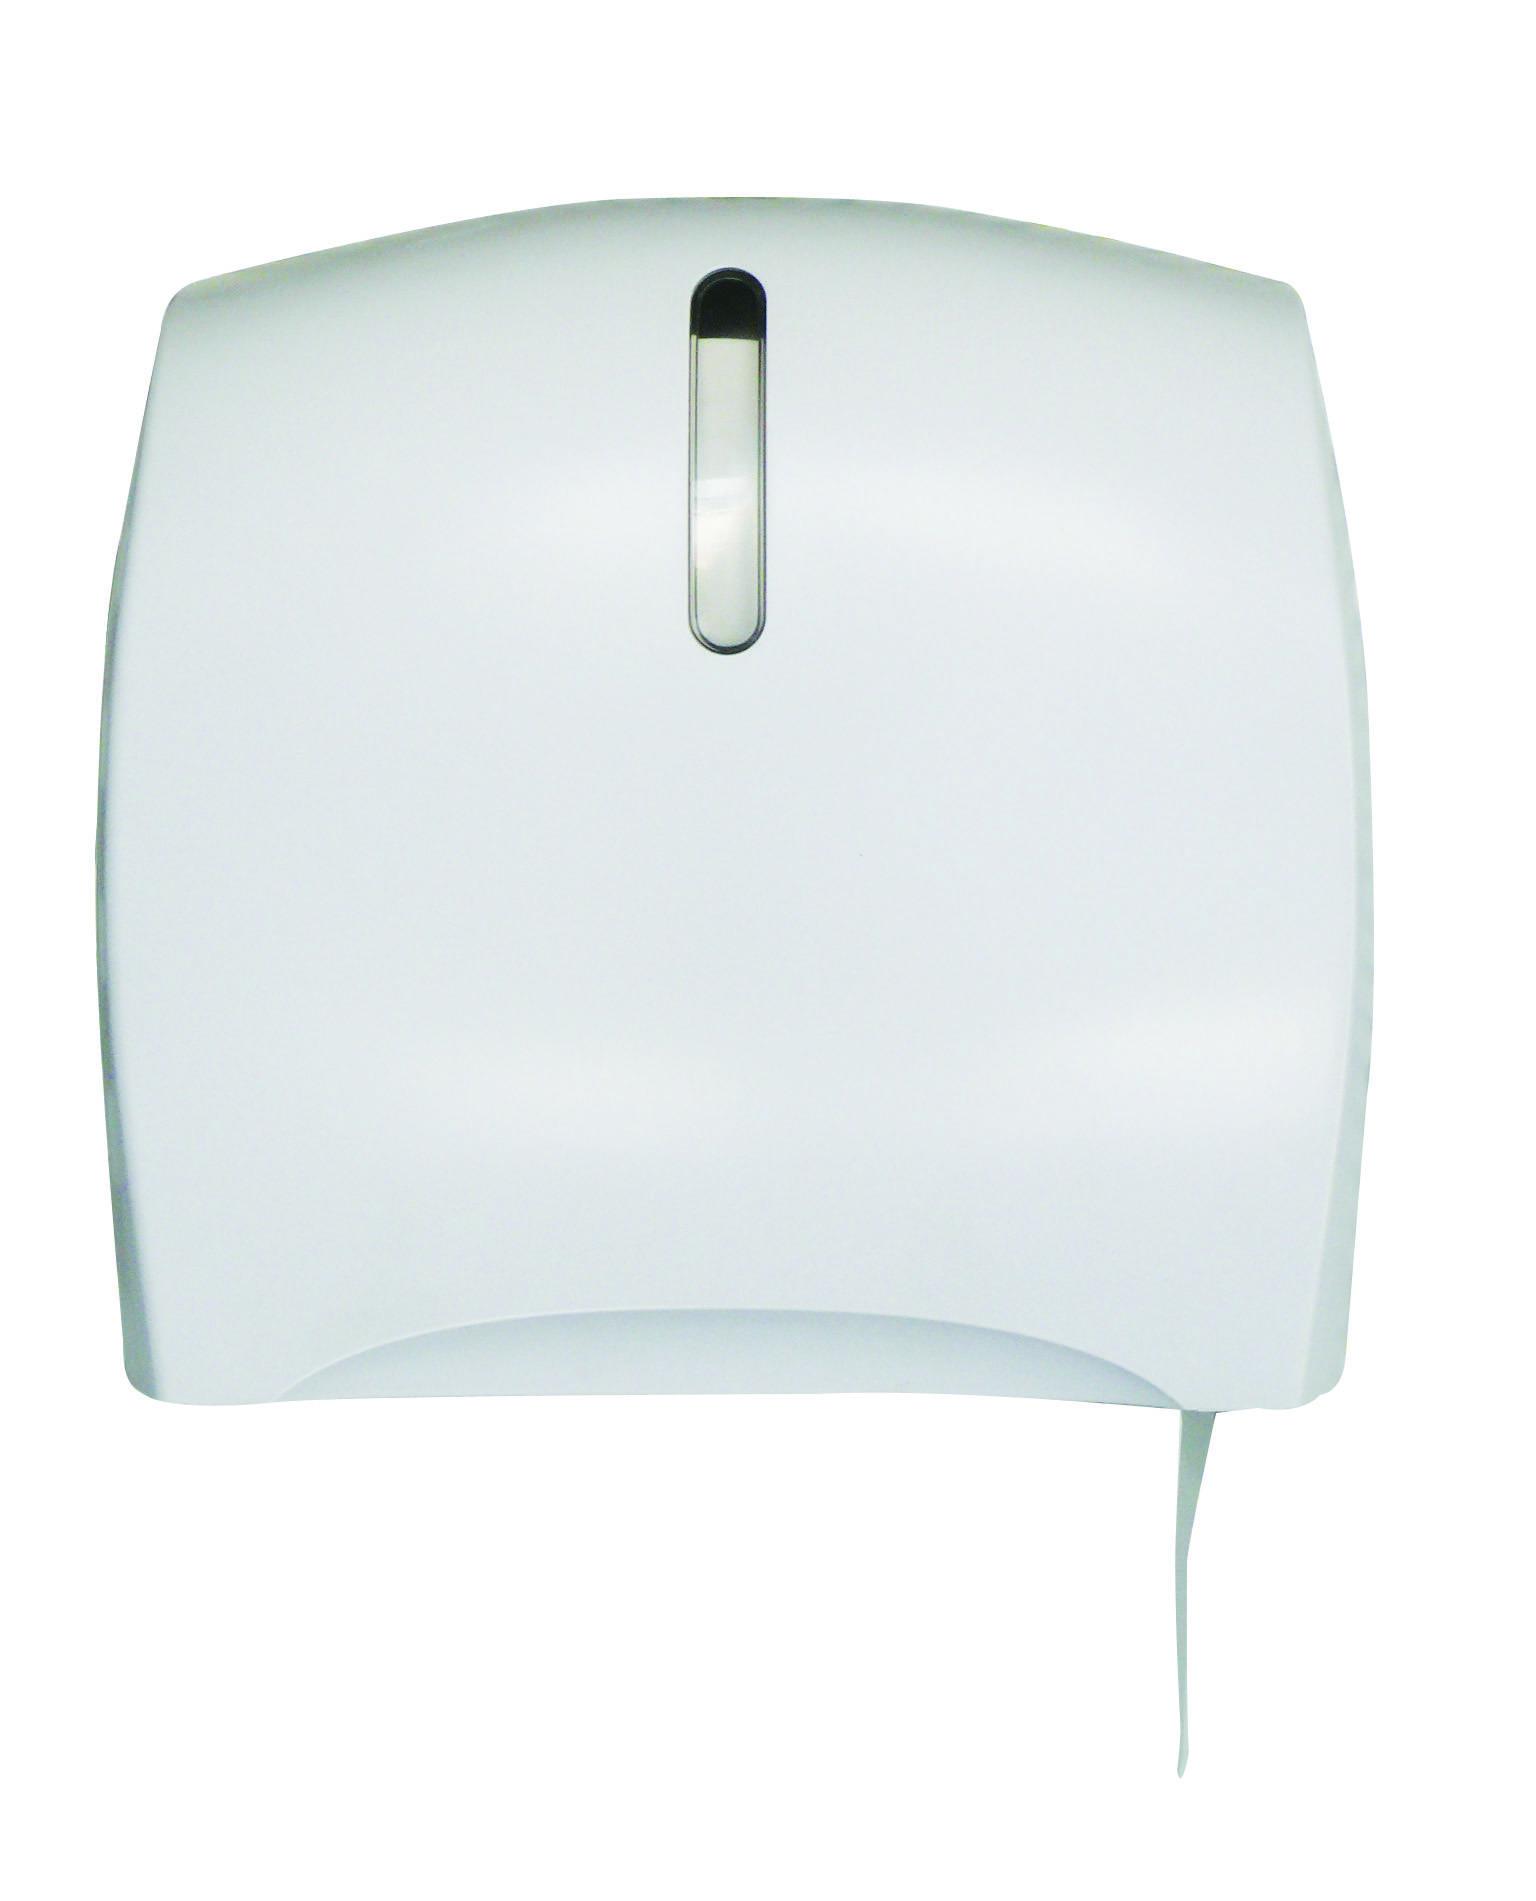 sell Jumbo-roll tissue paper dispenser